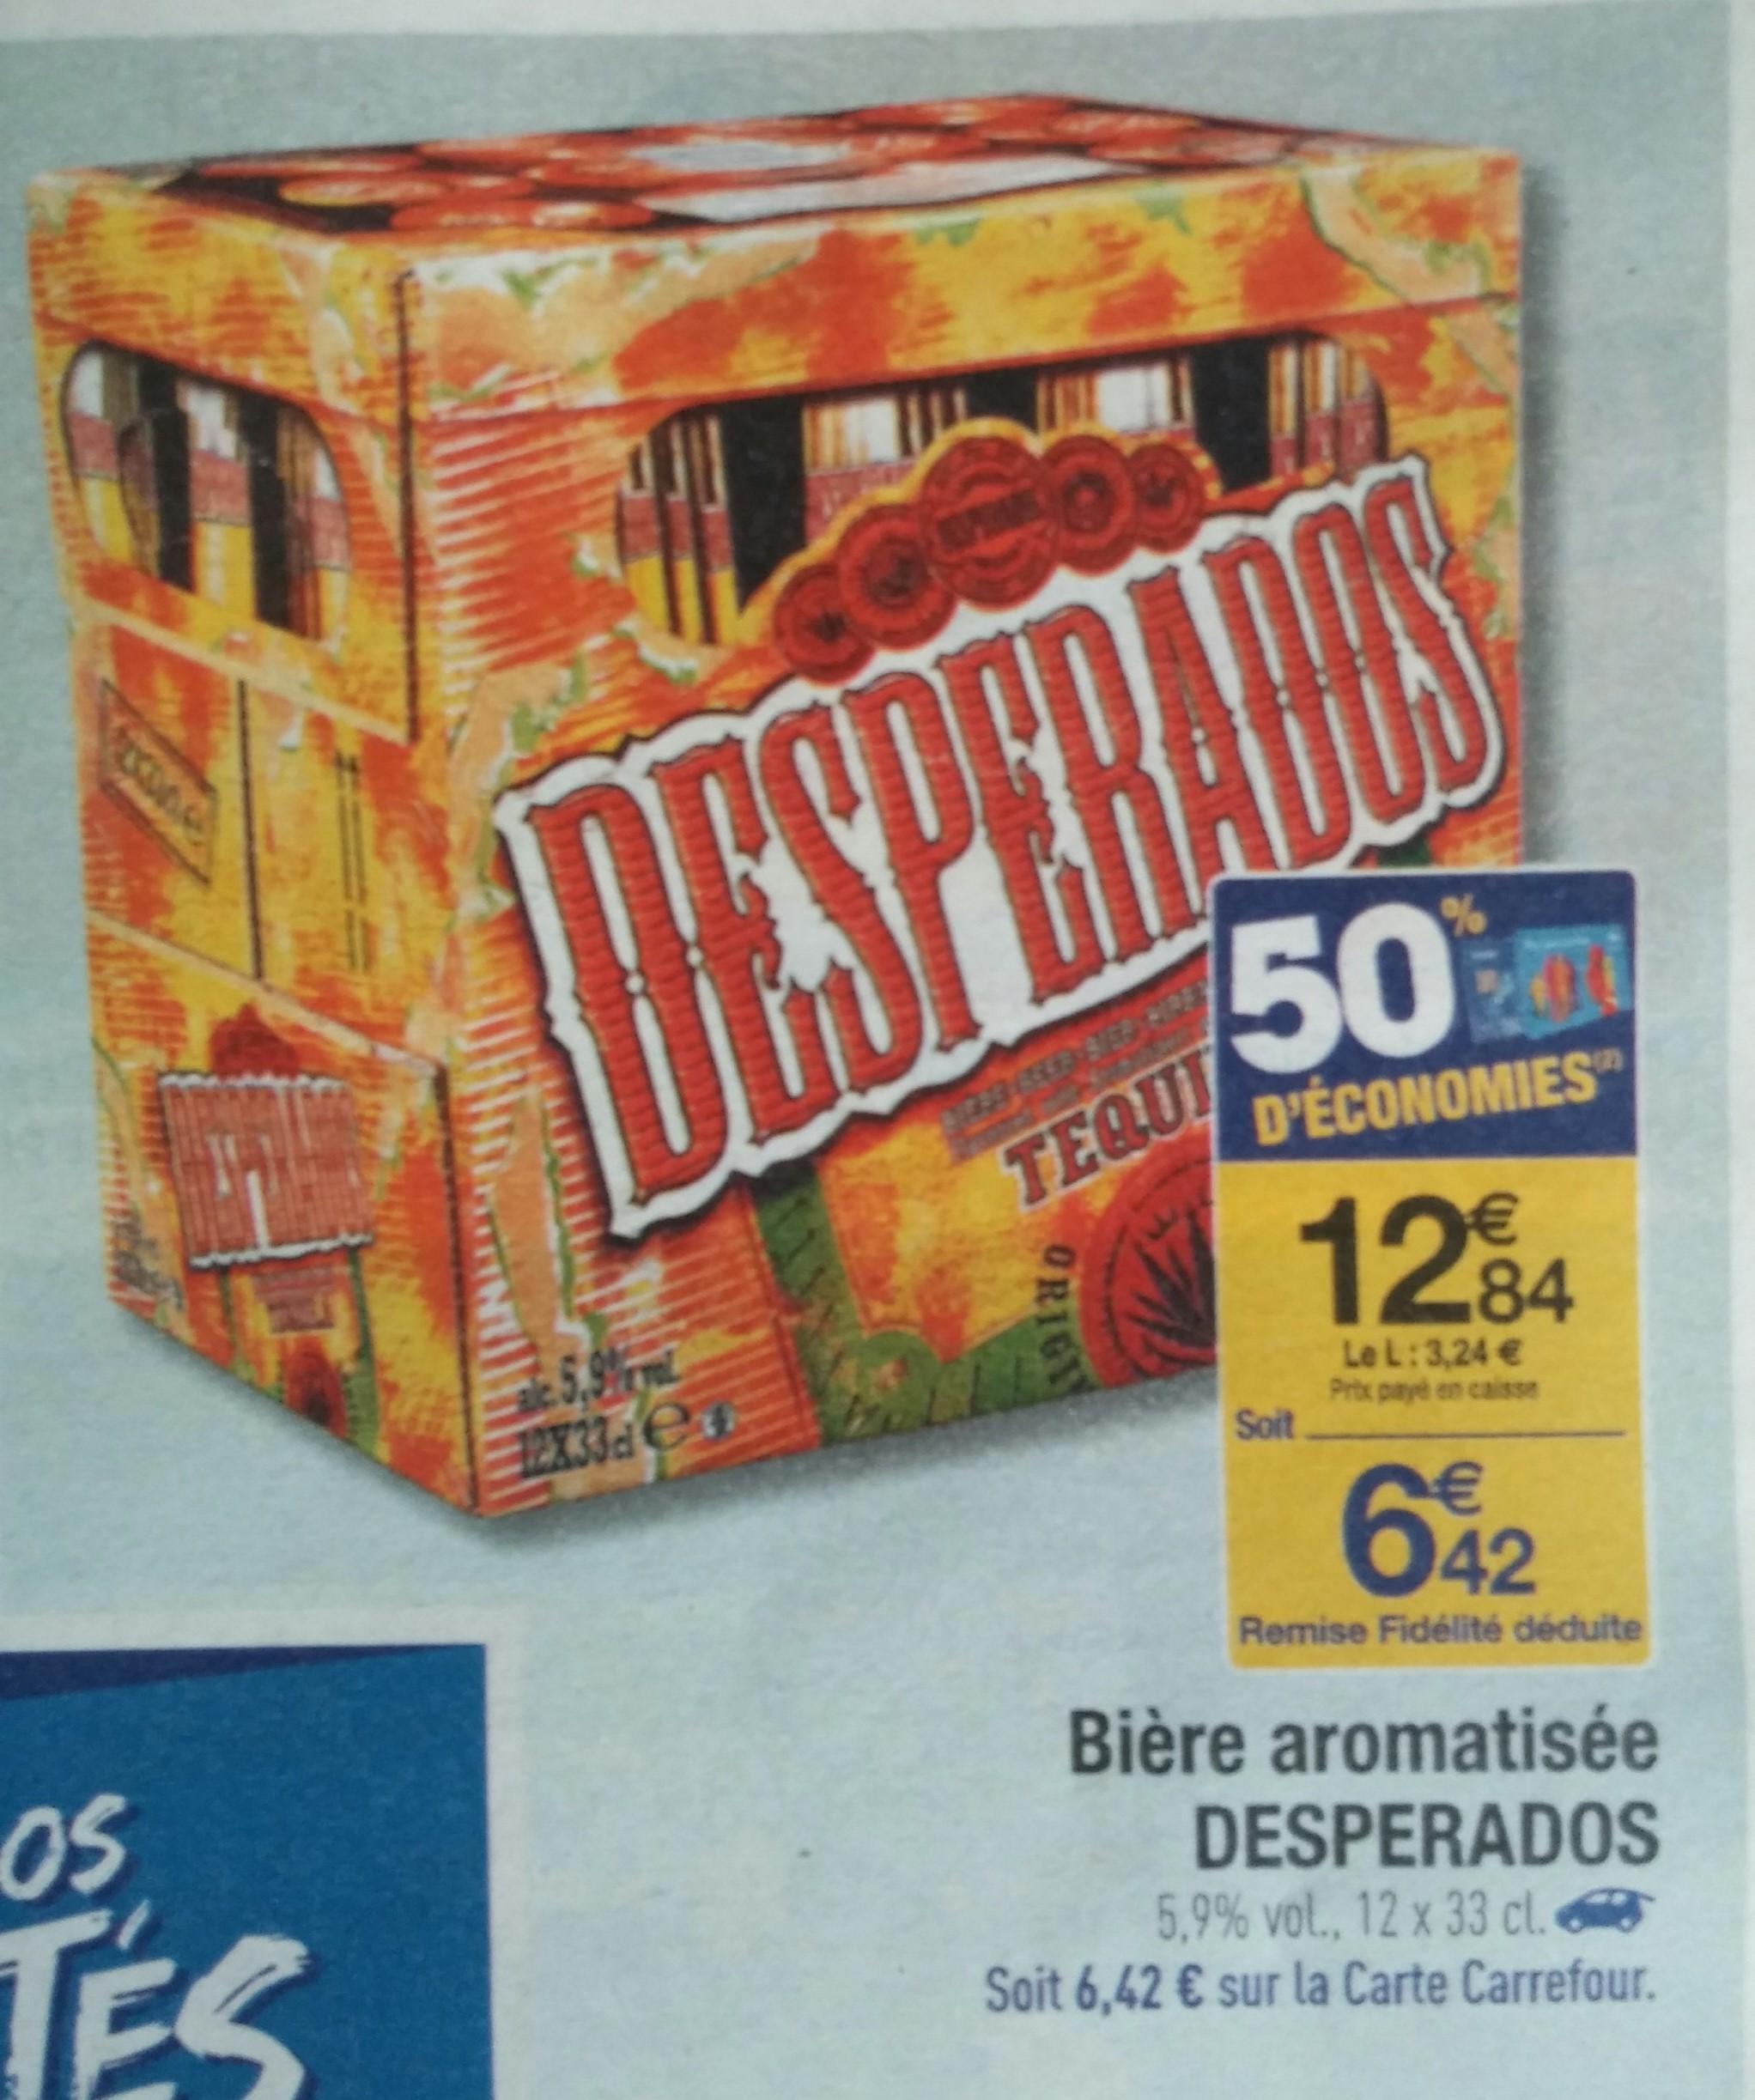 Pack de 12 Bières Desperados - 12x33cl (via 6.42€ sur carte de fidélité)